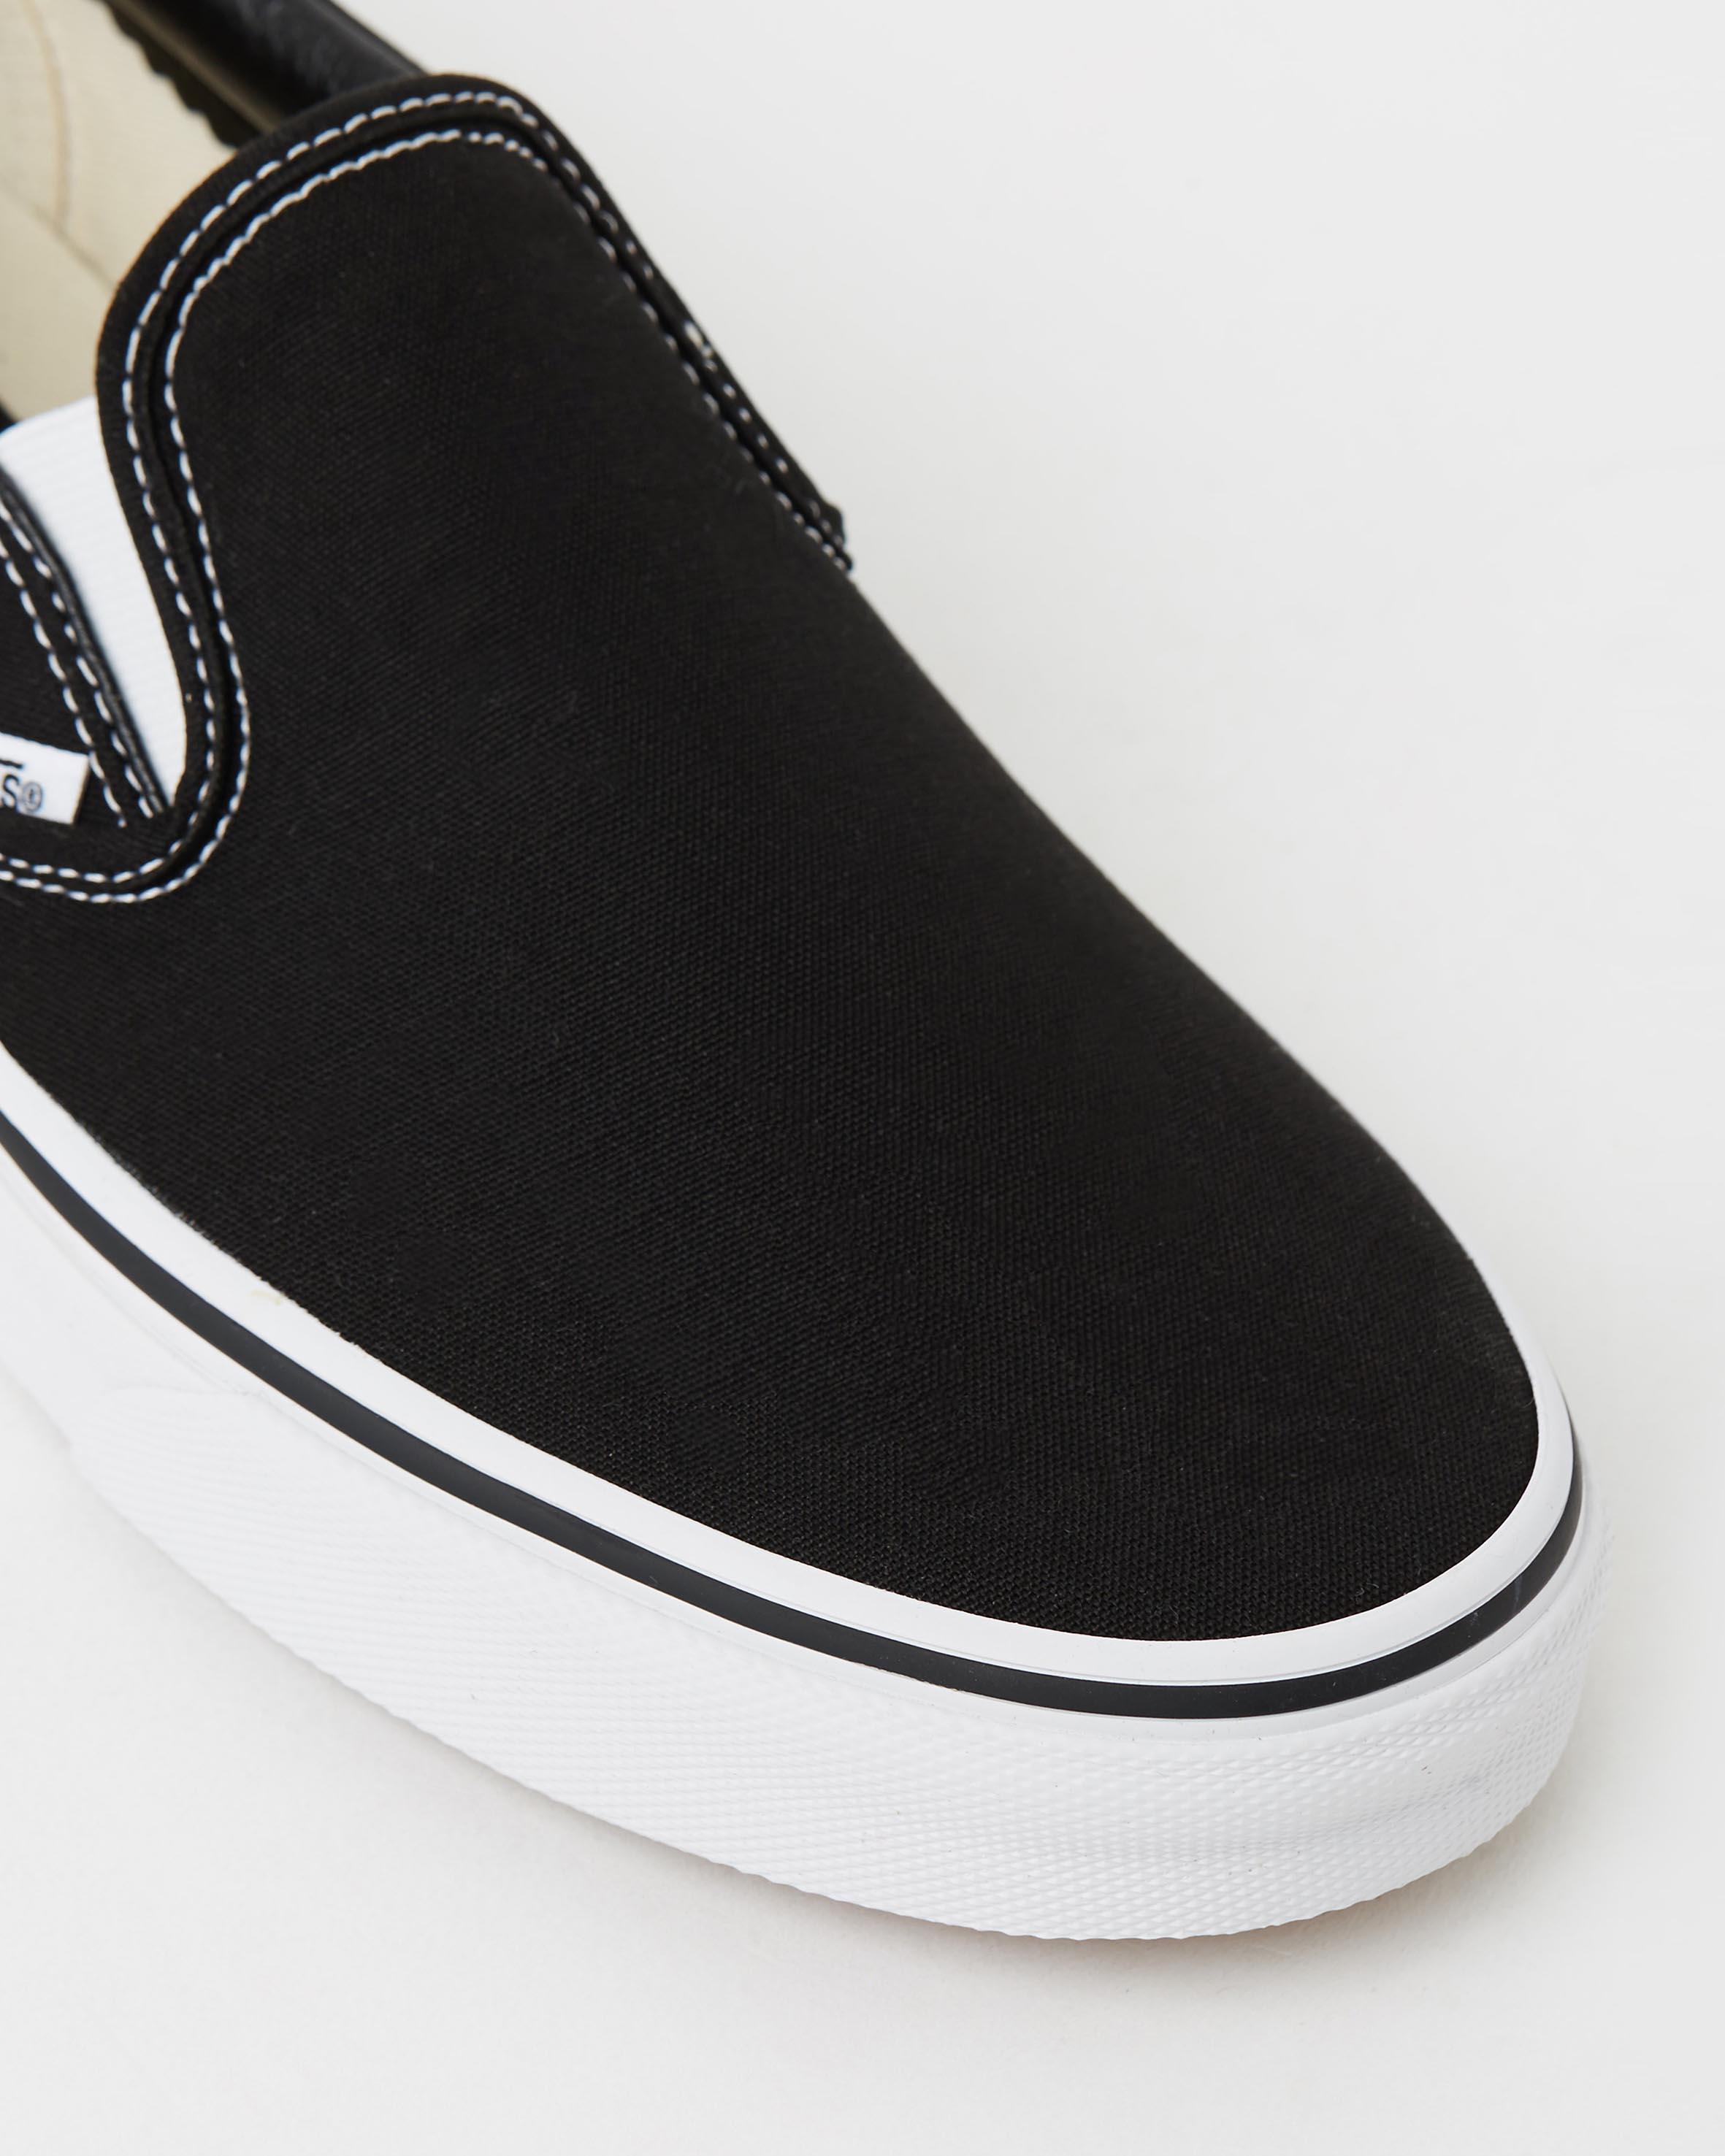 vans womens black